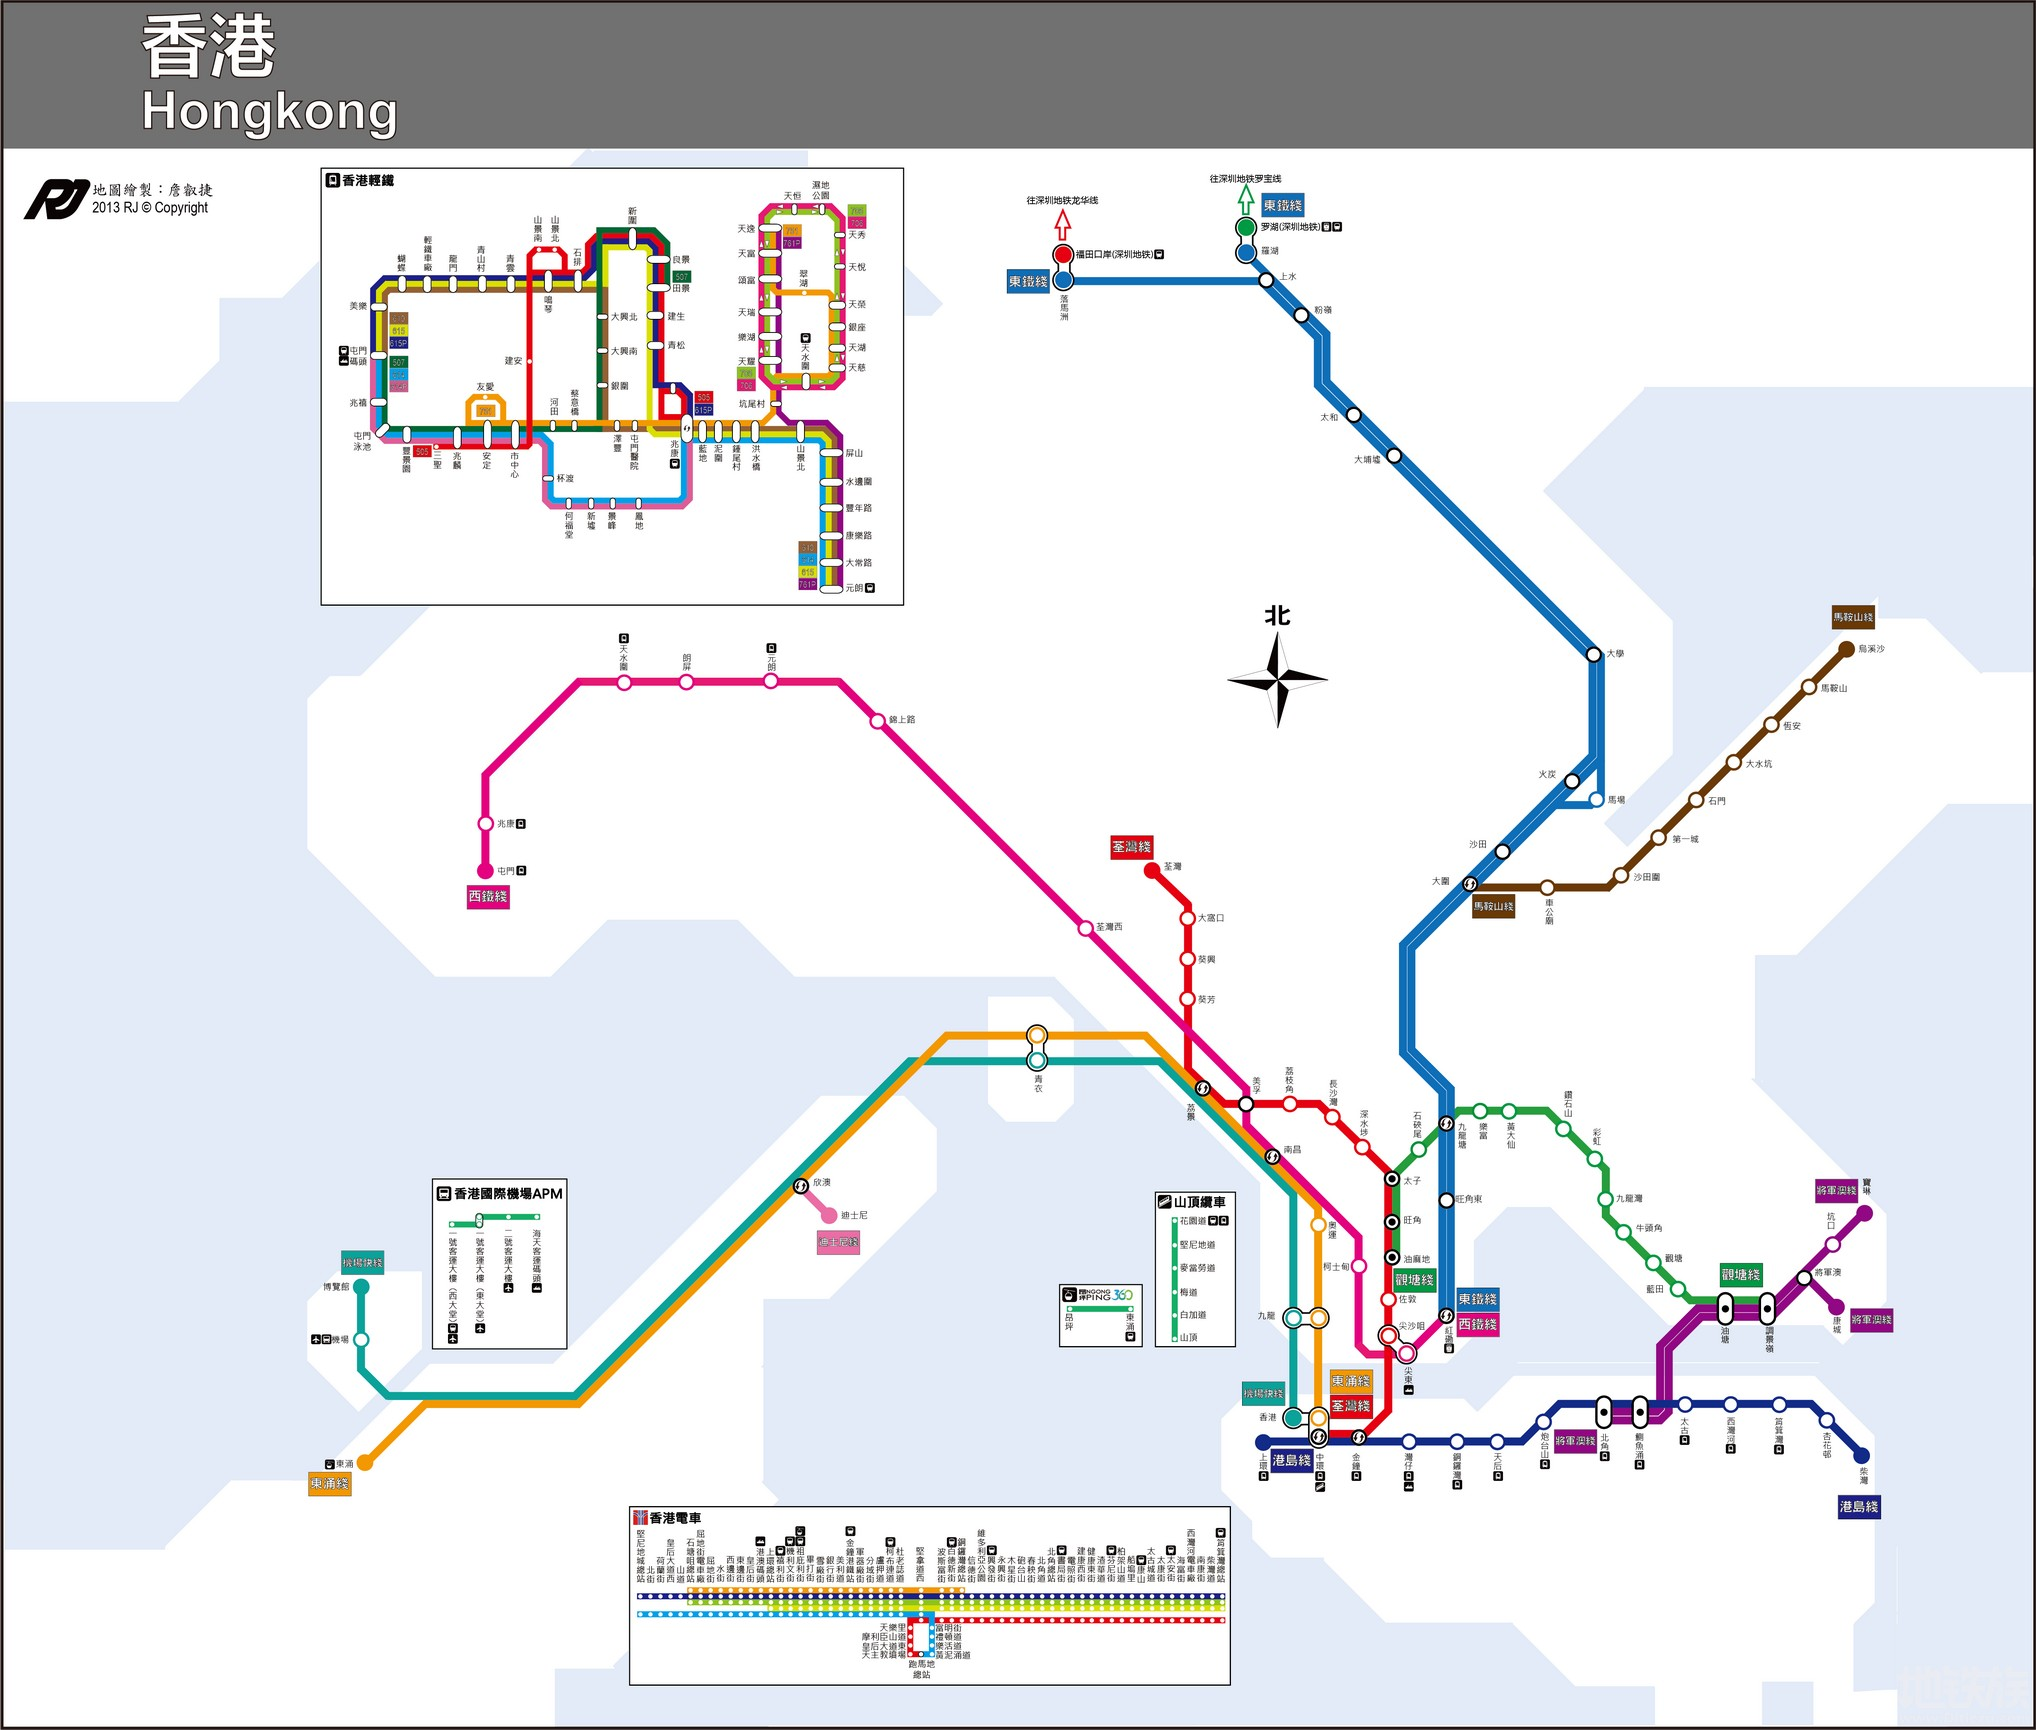 香港地铁线路图最新版